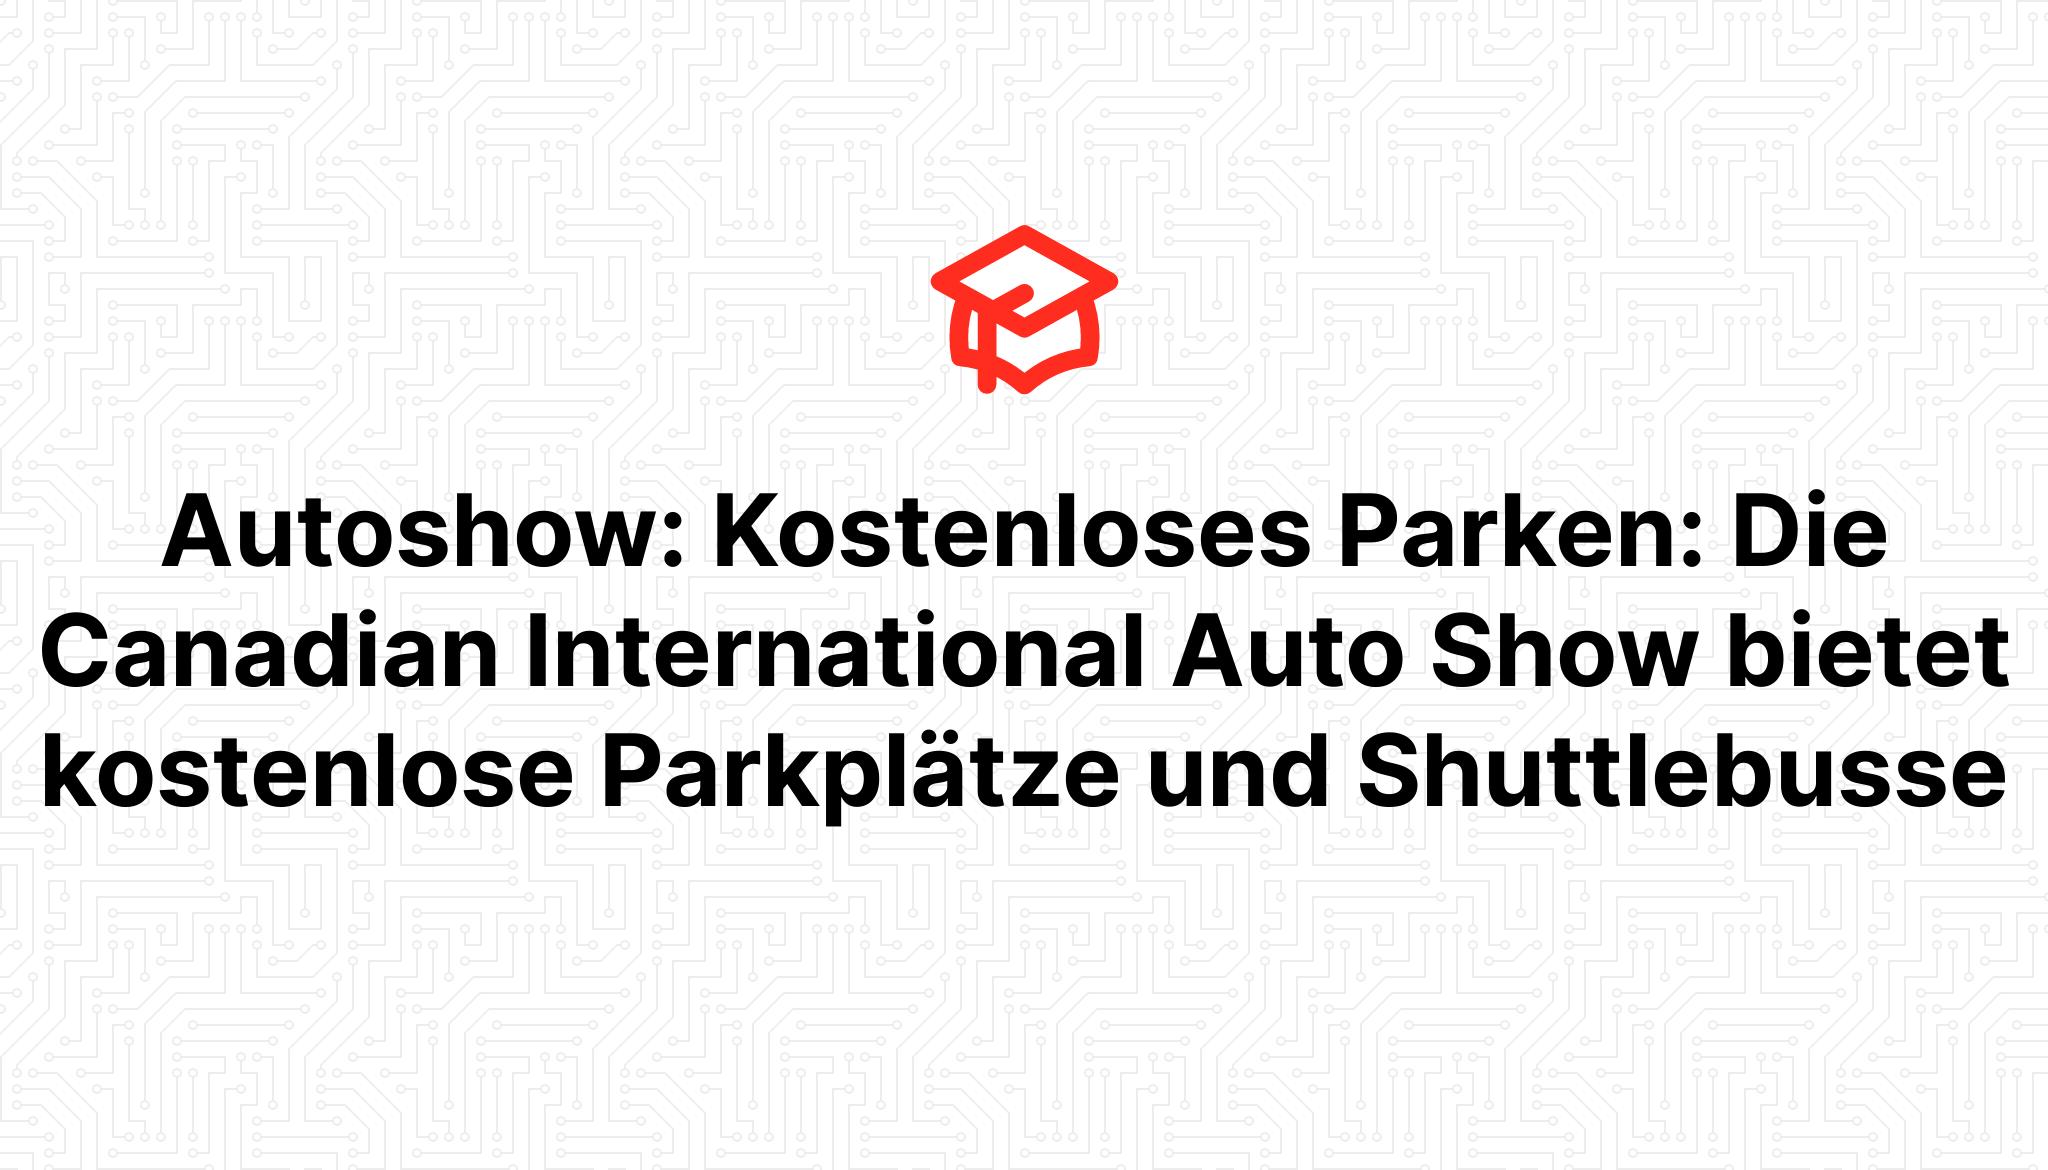 Autoshow: Kostenloses Parken: Die Canadian International Auto Show bietet kostenlose Parkplätze und Shuttlebusse